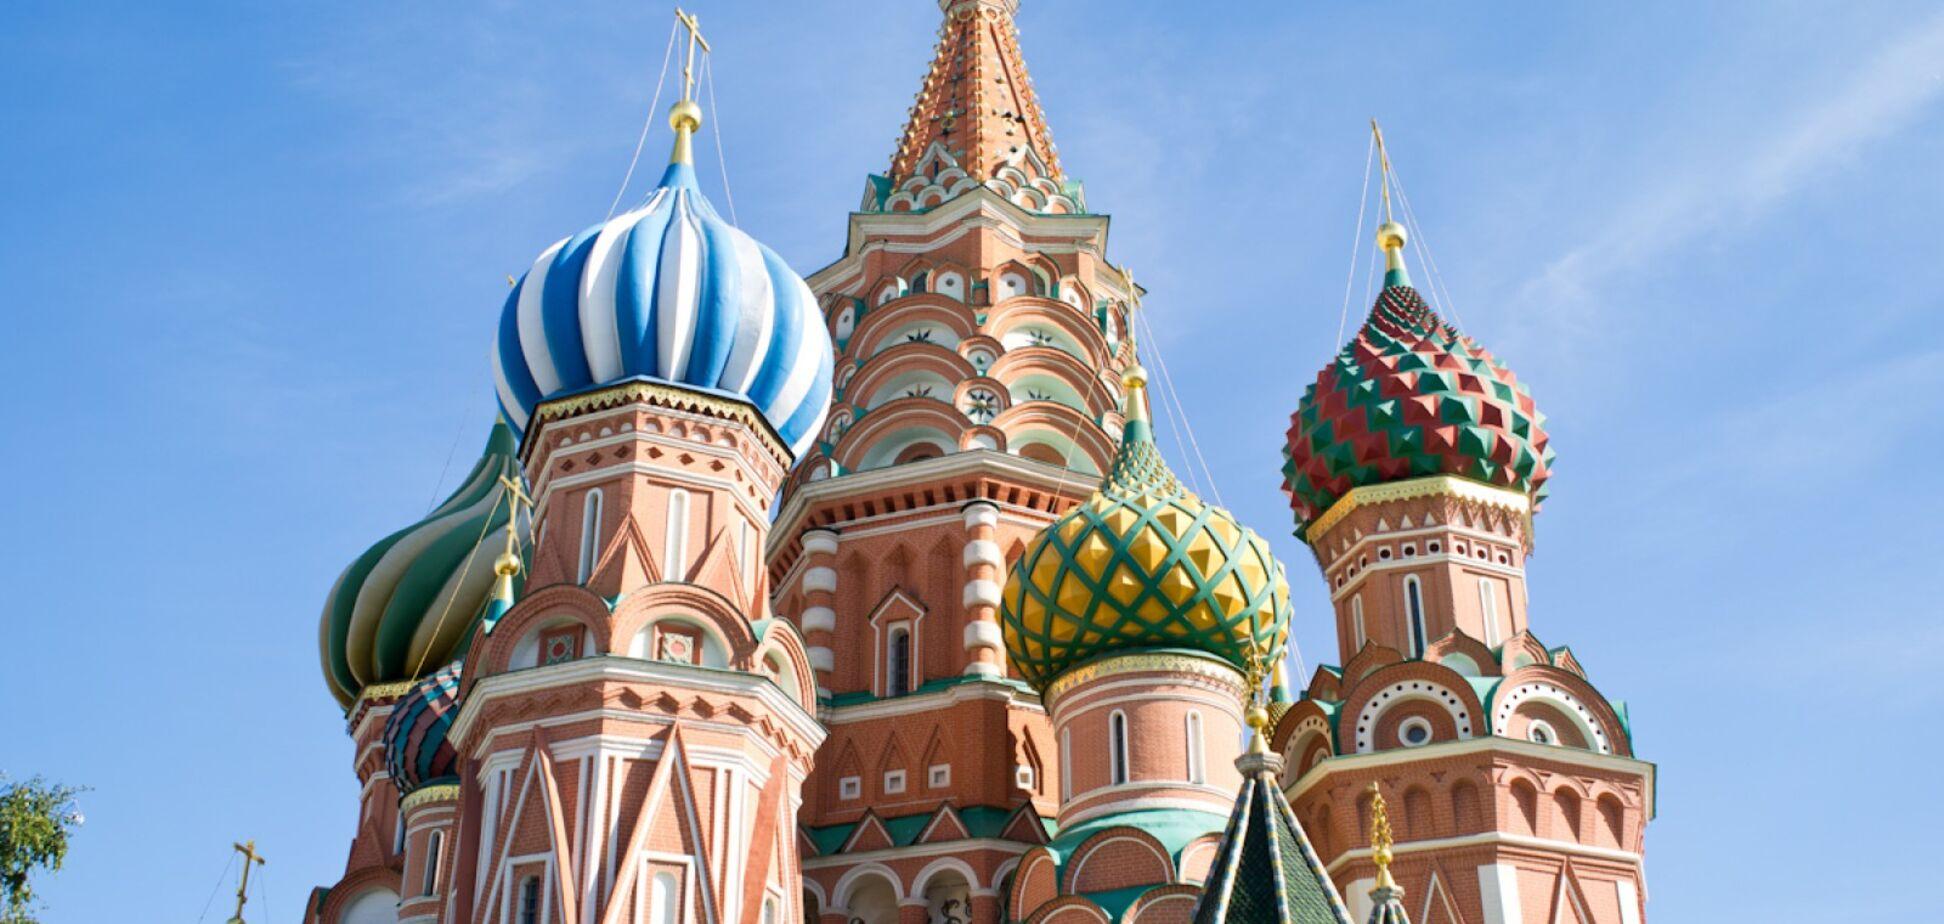 Кремлевский доклад. Как определить кремлевскую правящую элиту и ее агентов